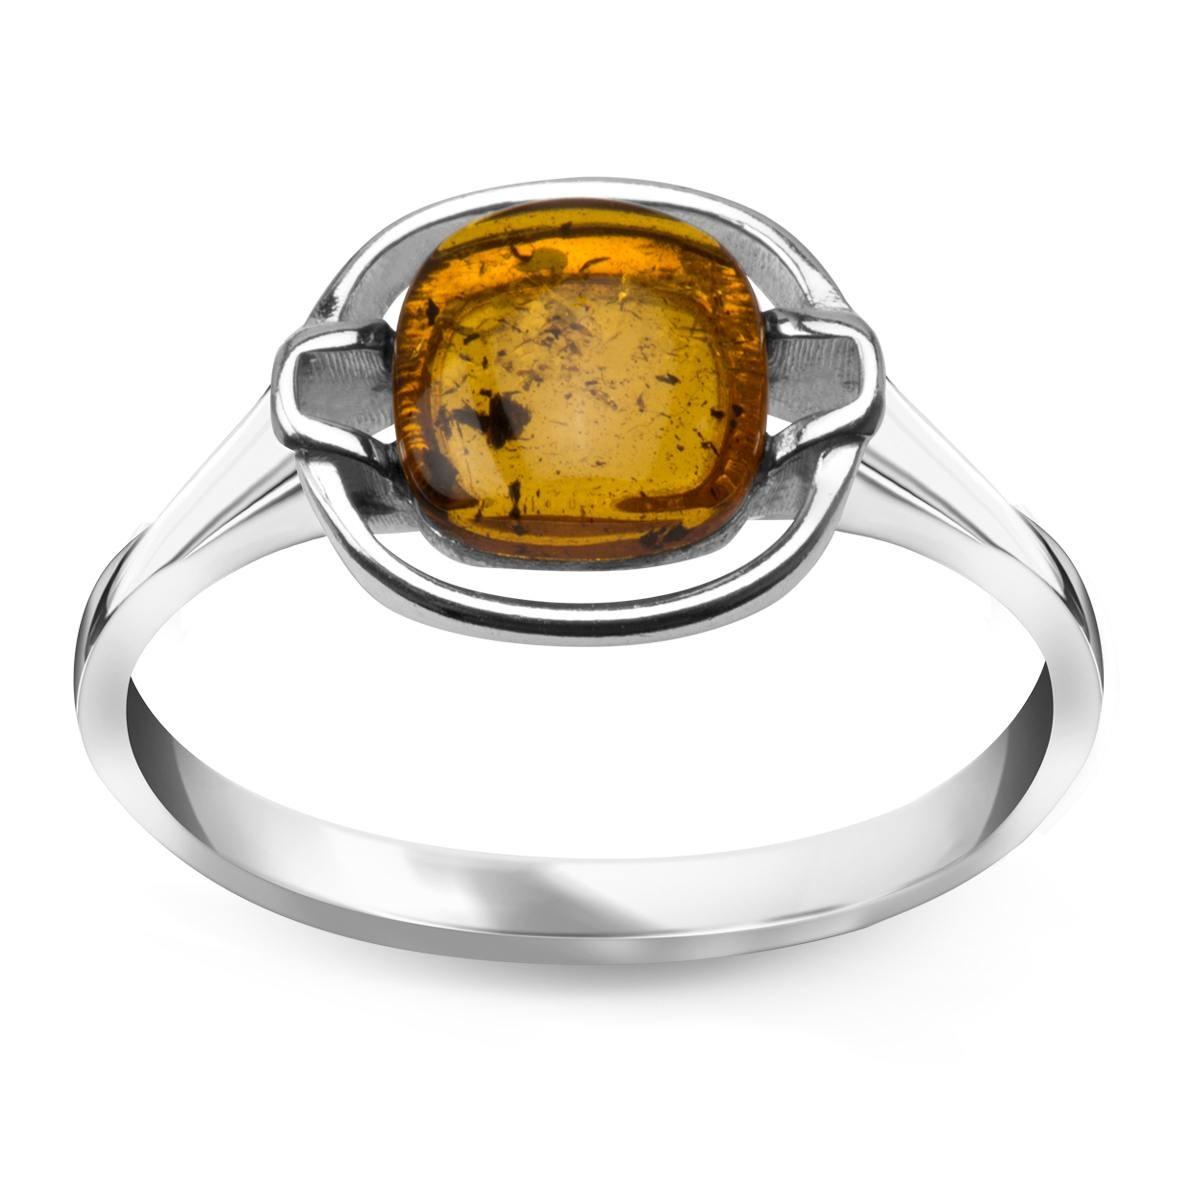 Srebrny pierścionek z bursztynem (r.14) za 45zł @ Yes